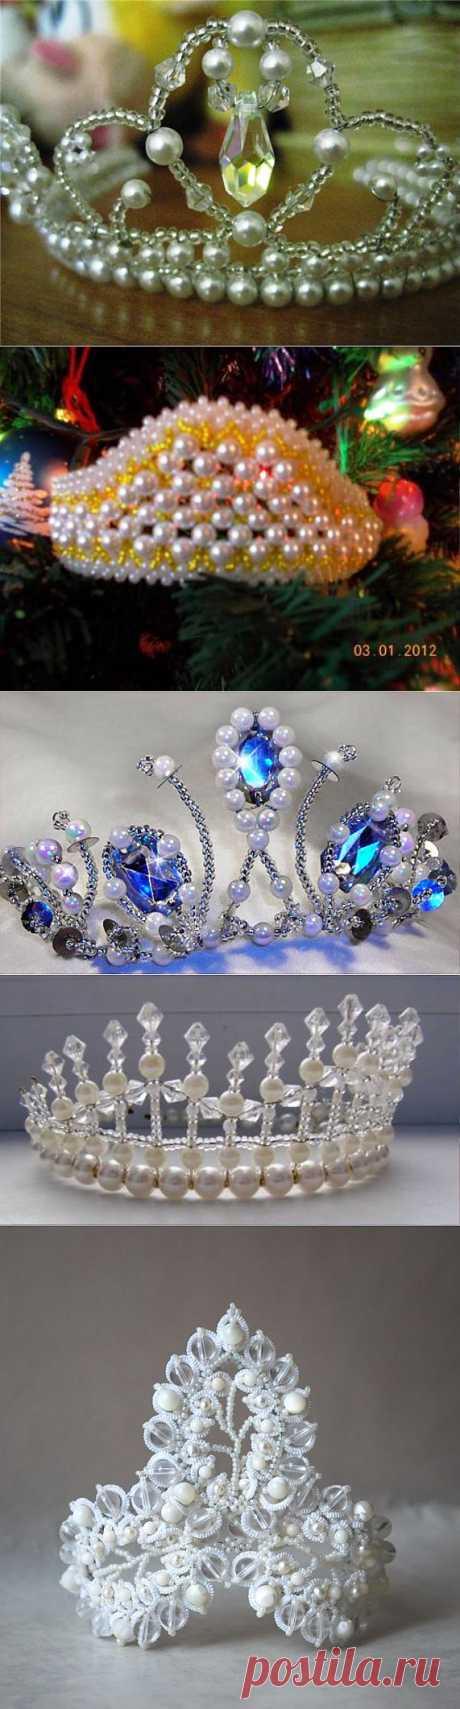 Плетем диадемы и короны....